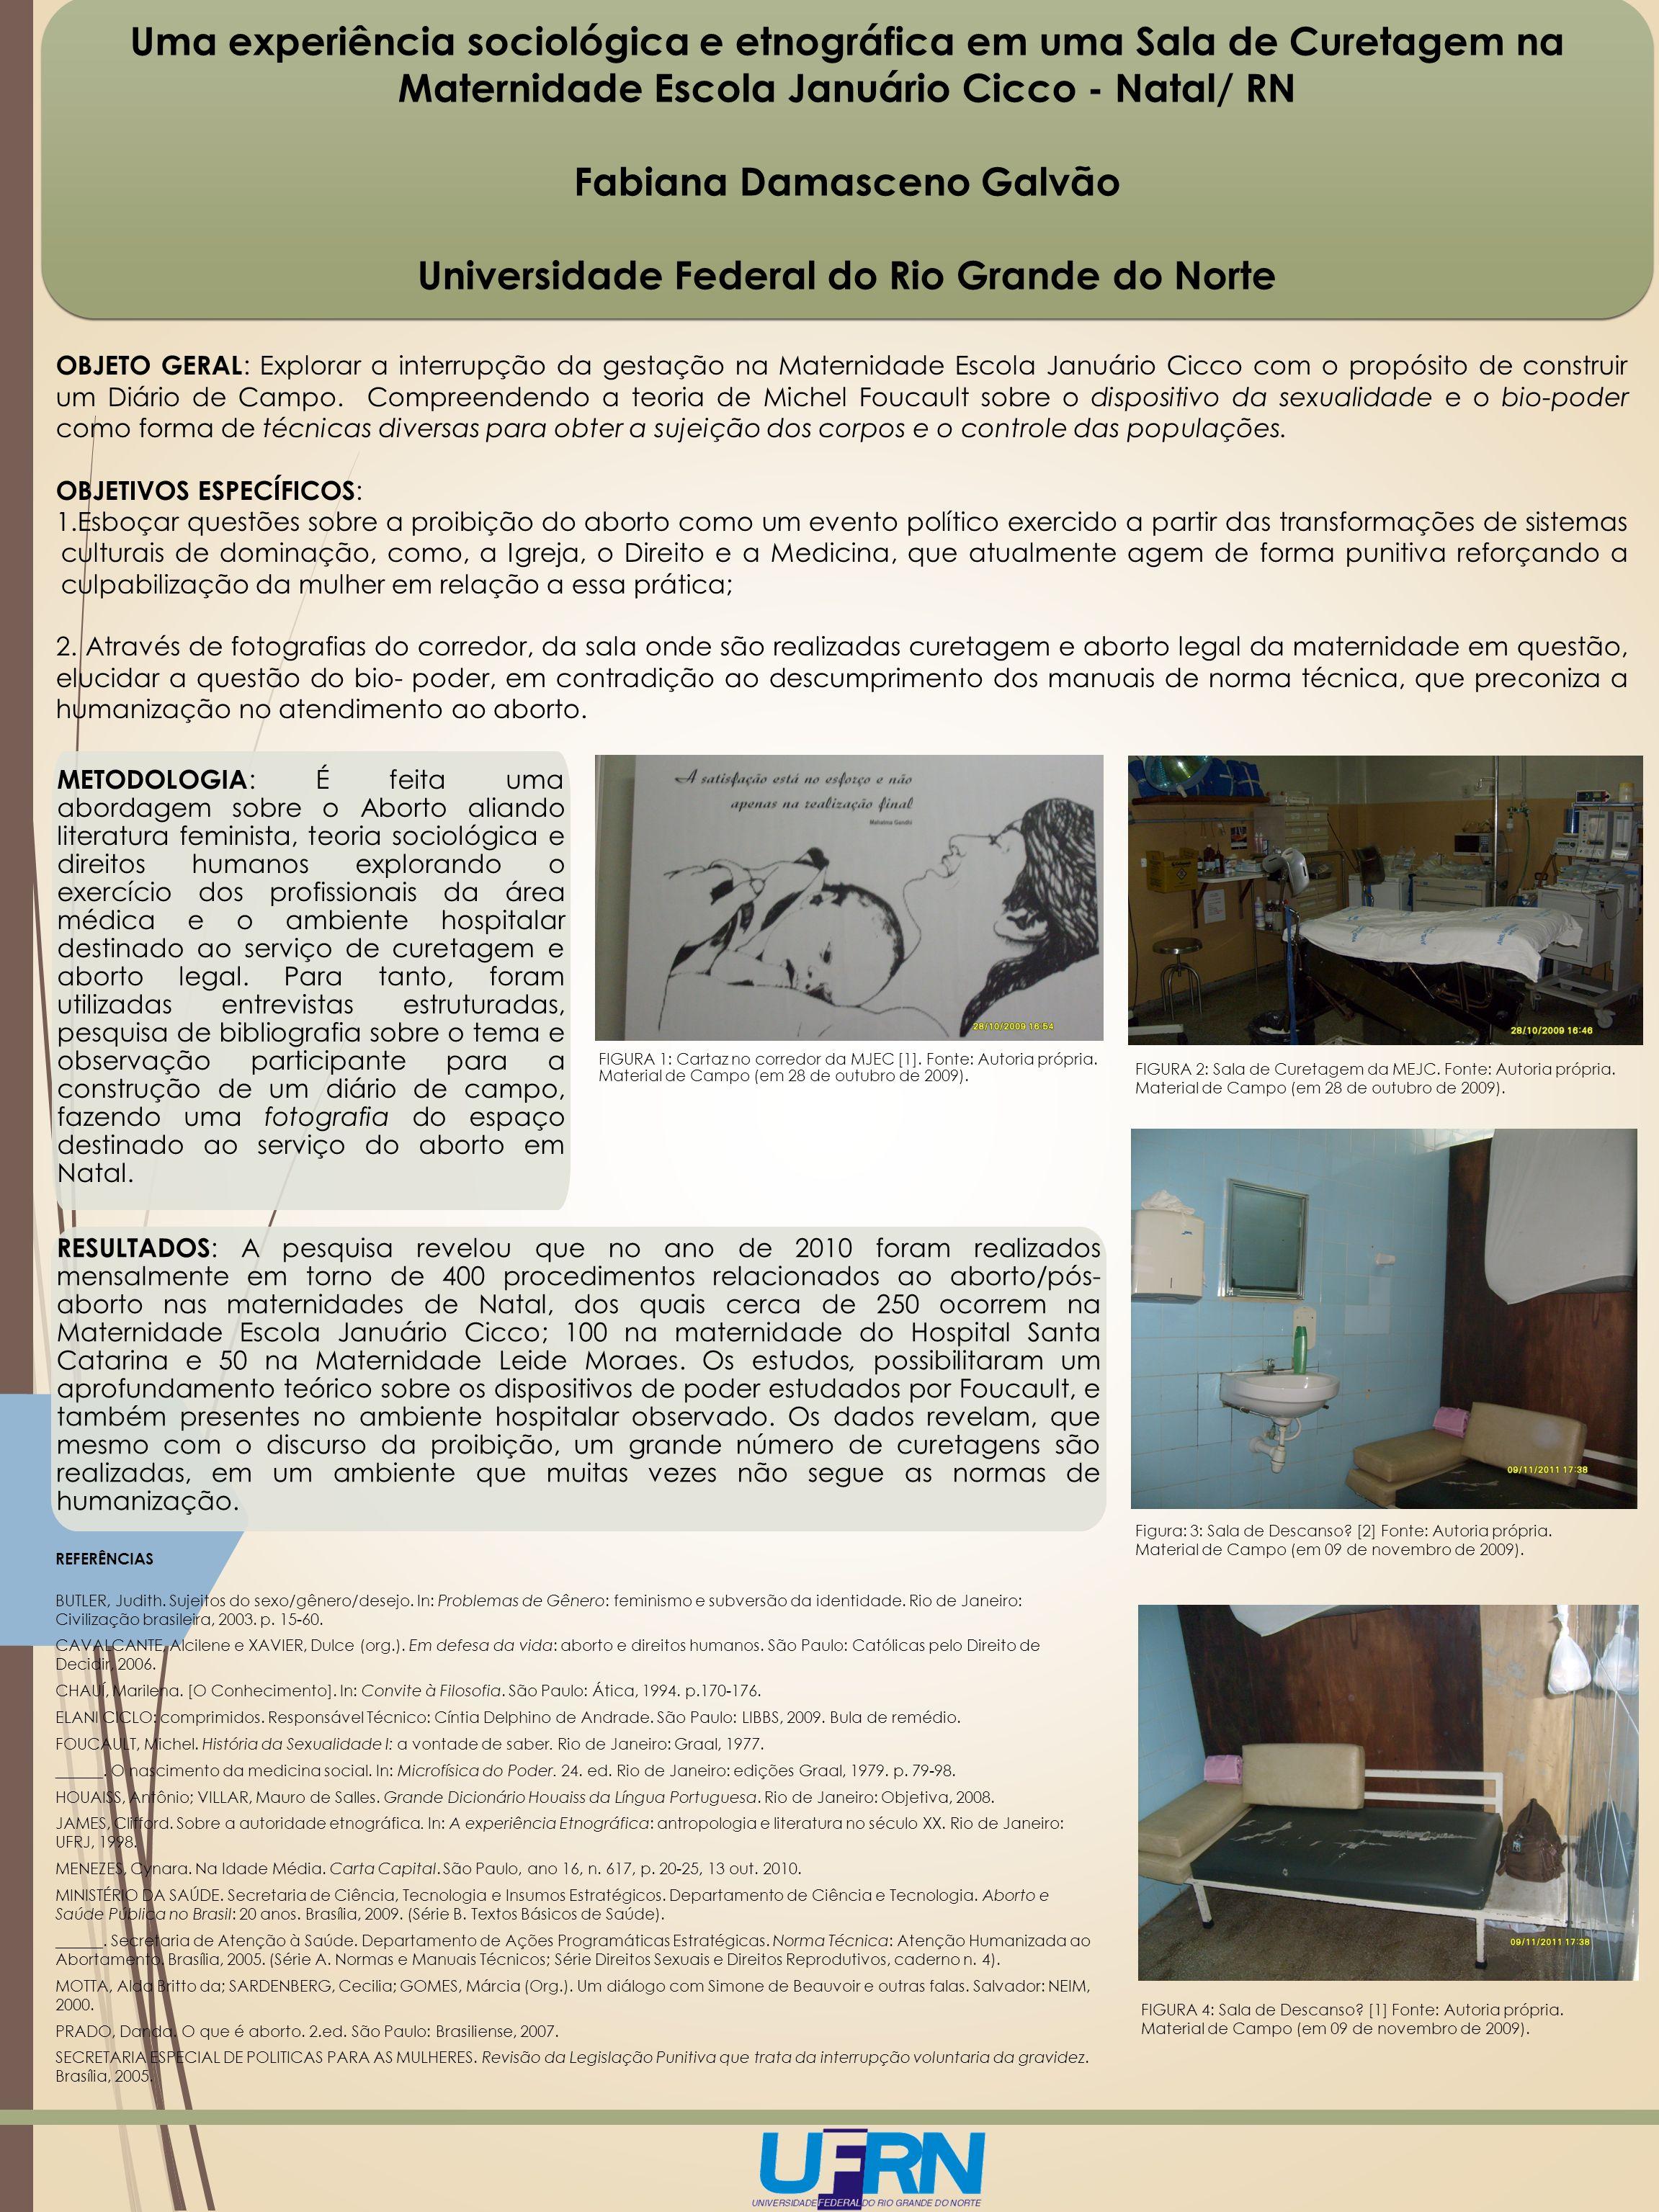 OBJETO GERAL : Explorar a interrupção da gestação na Maternidade Escola Januário Cicco com o propósito de construir um Diário de Campo.